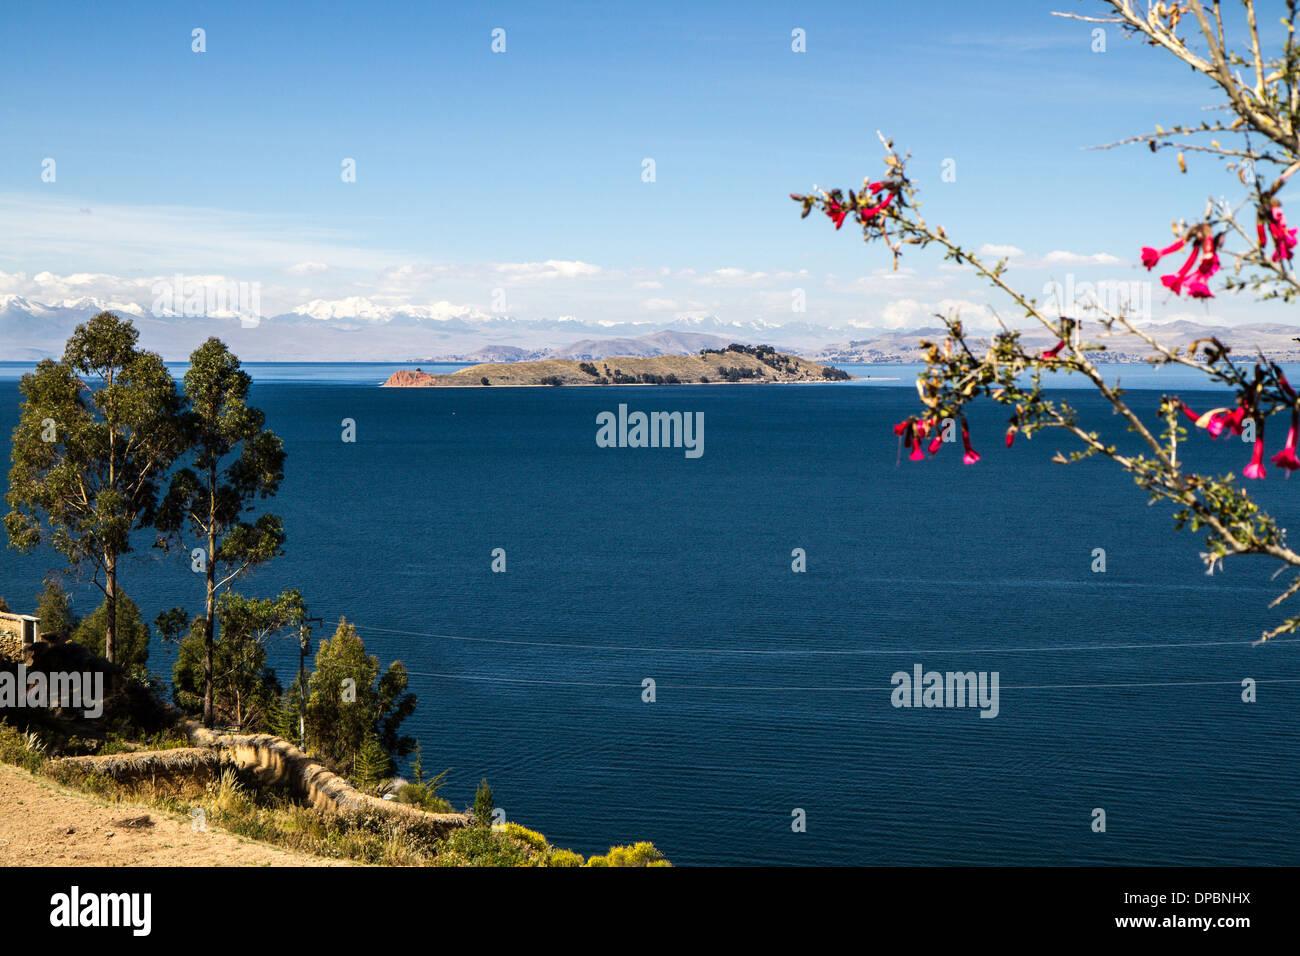 Titicaca lake. Isla del Luna seen from Isla del sol. Bolivia - Stock Image